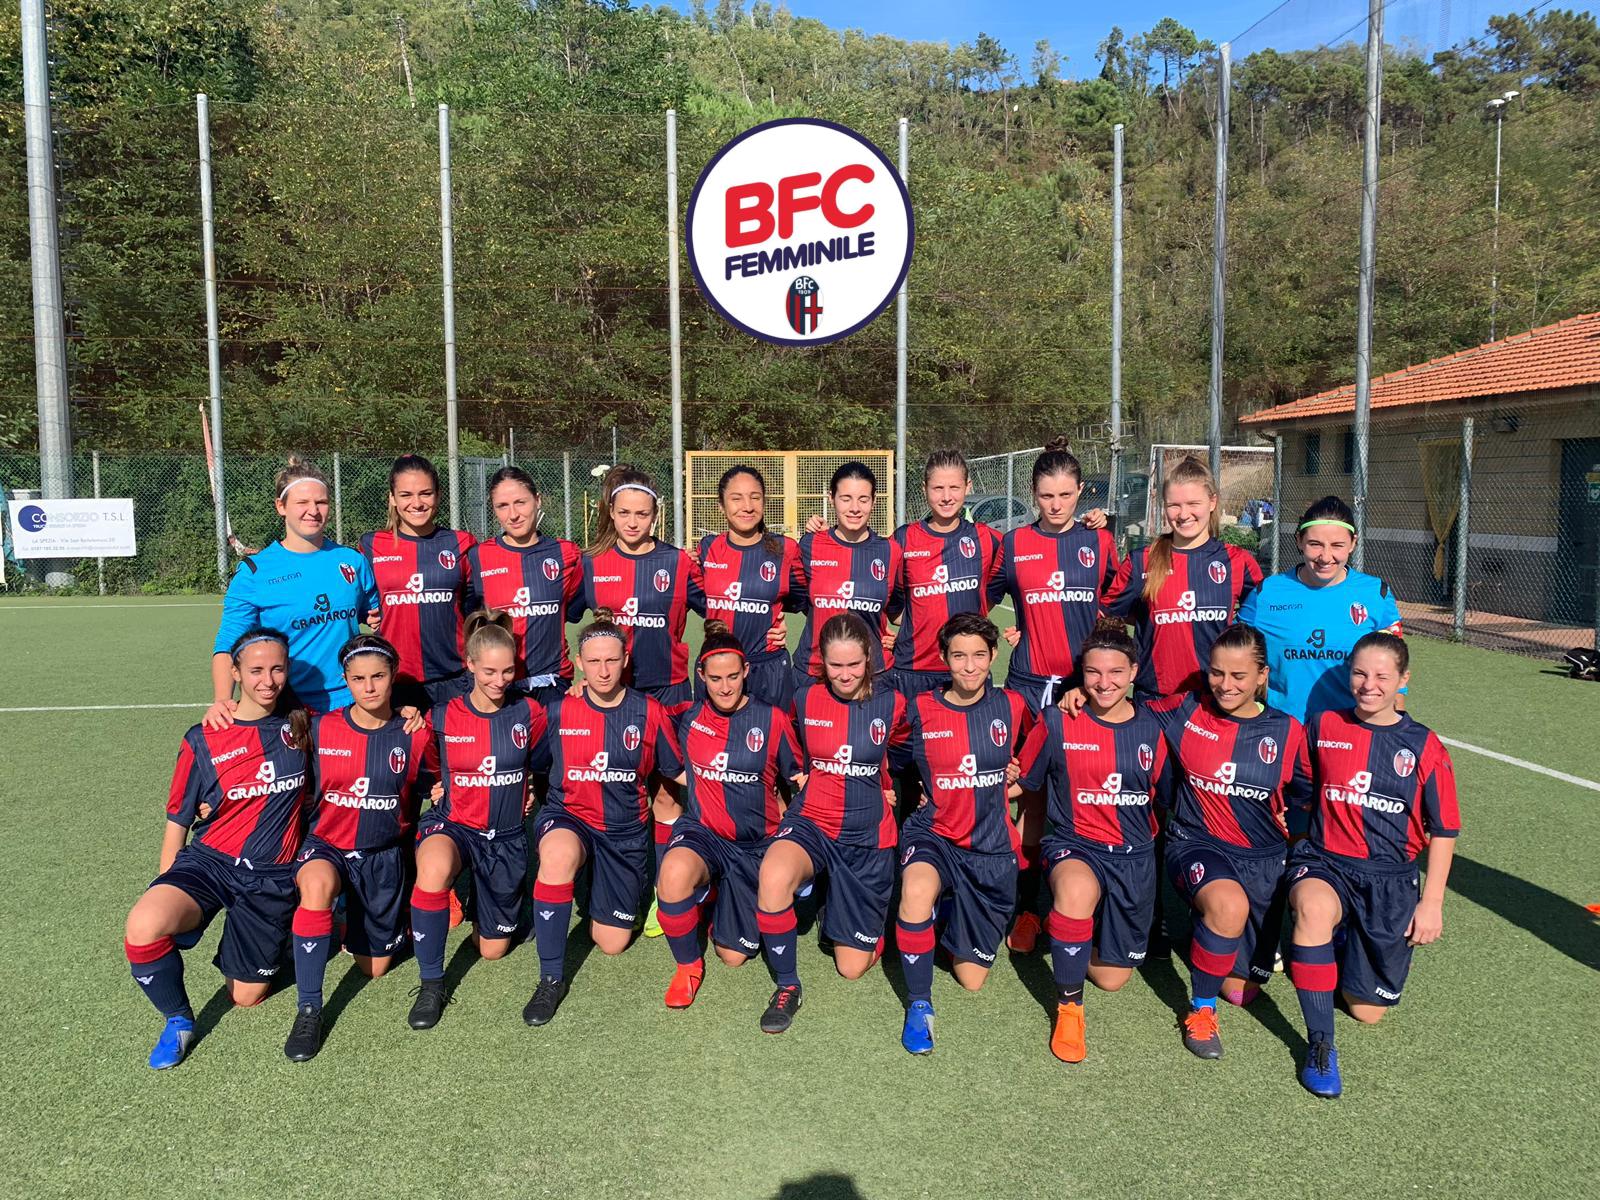 Bologna femminile - Sconfitta per 4-2 a La Spezia